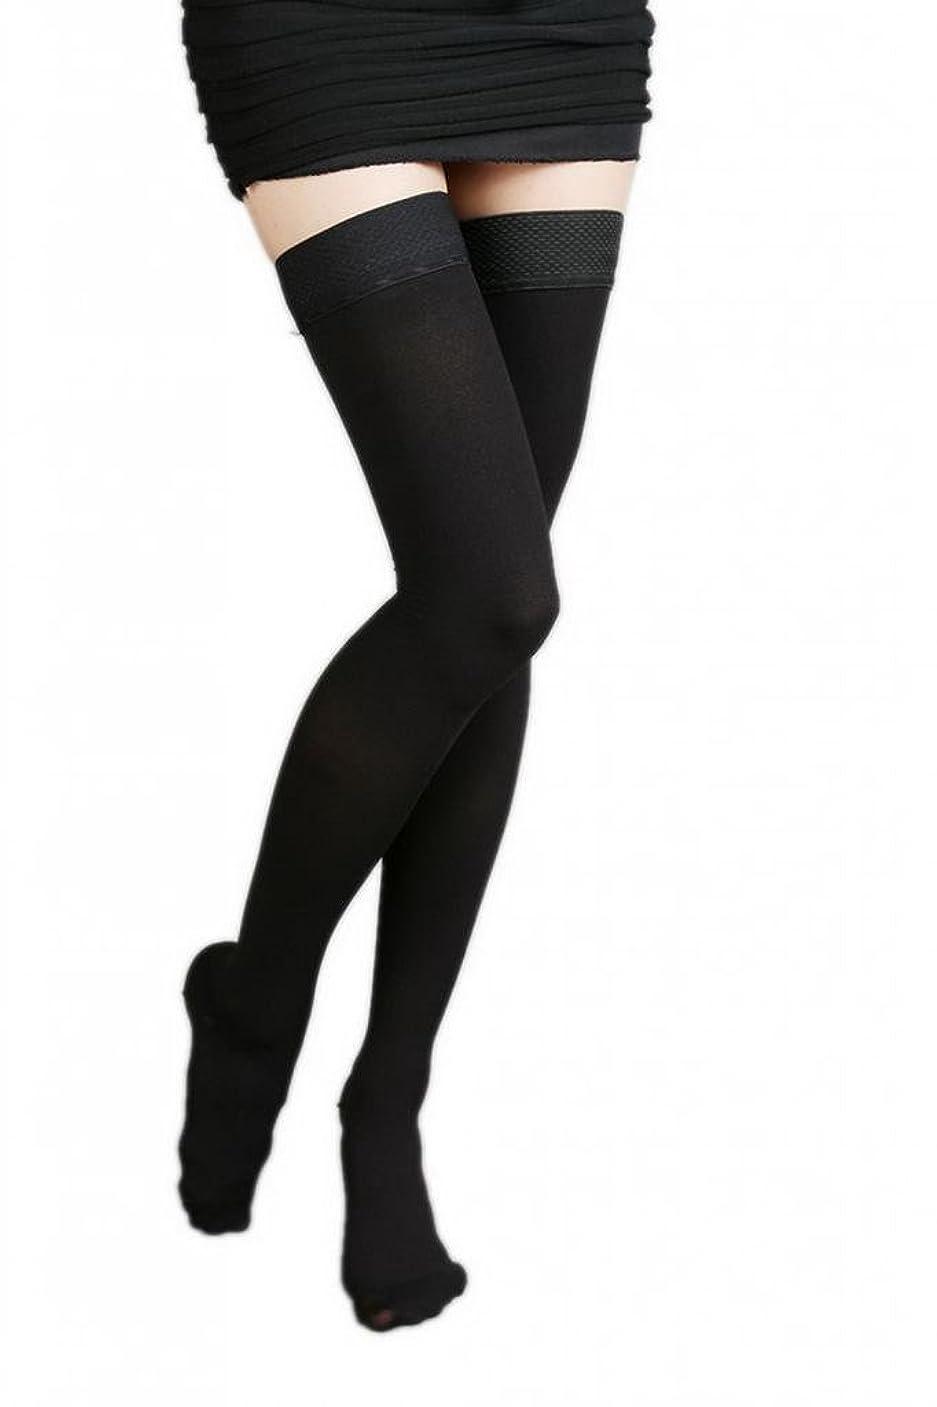 メイドに対応主張(ラボーグ)La Vogue 美脚 着圧オーバーニーソックス ハイソックス 靴下 弾性ストッキング つま先あり着圧ソックス M 1級低圧 黒色